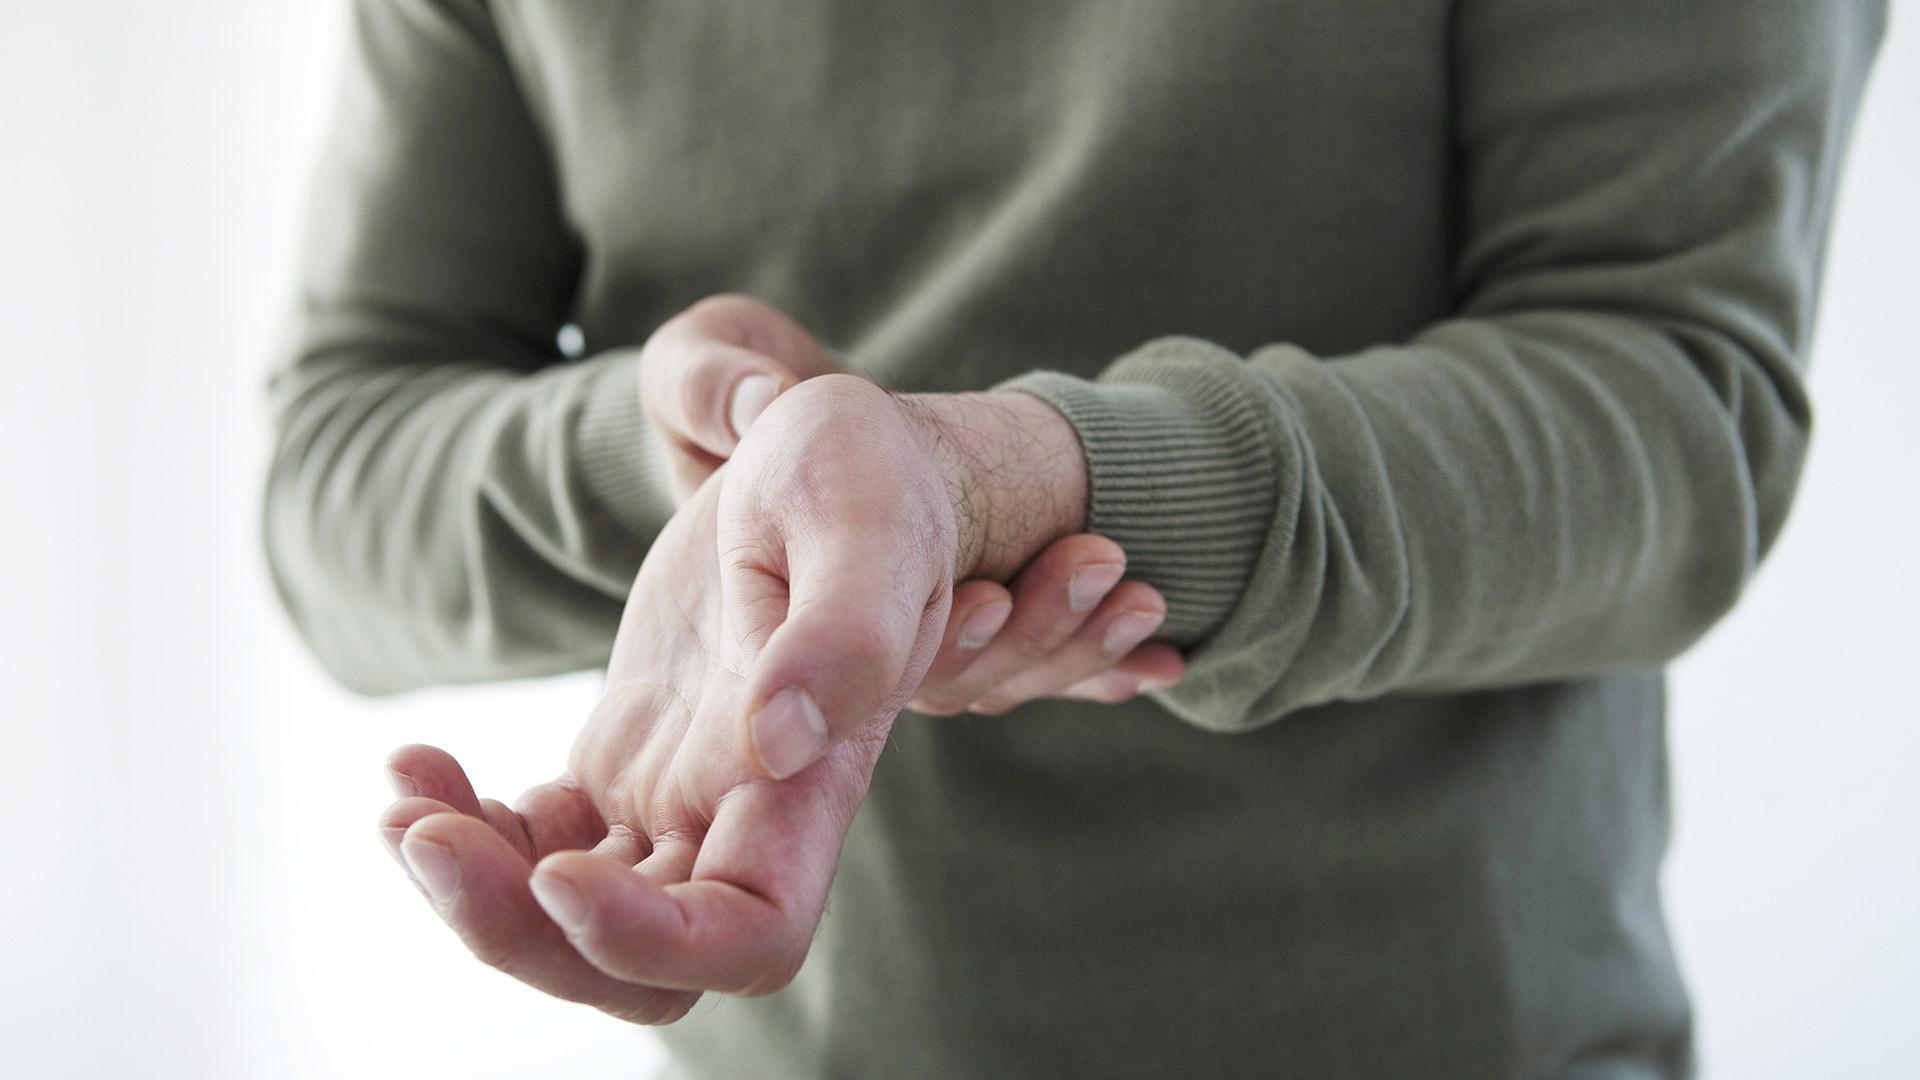 hogyan lehet gyorsan gyógyítani az ujjak ízületi gyulladásait glükozamin-kondroitin c-vitamin nélkül